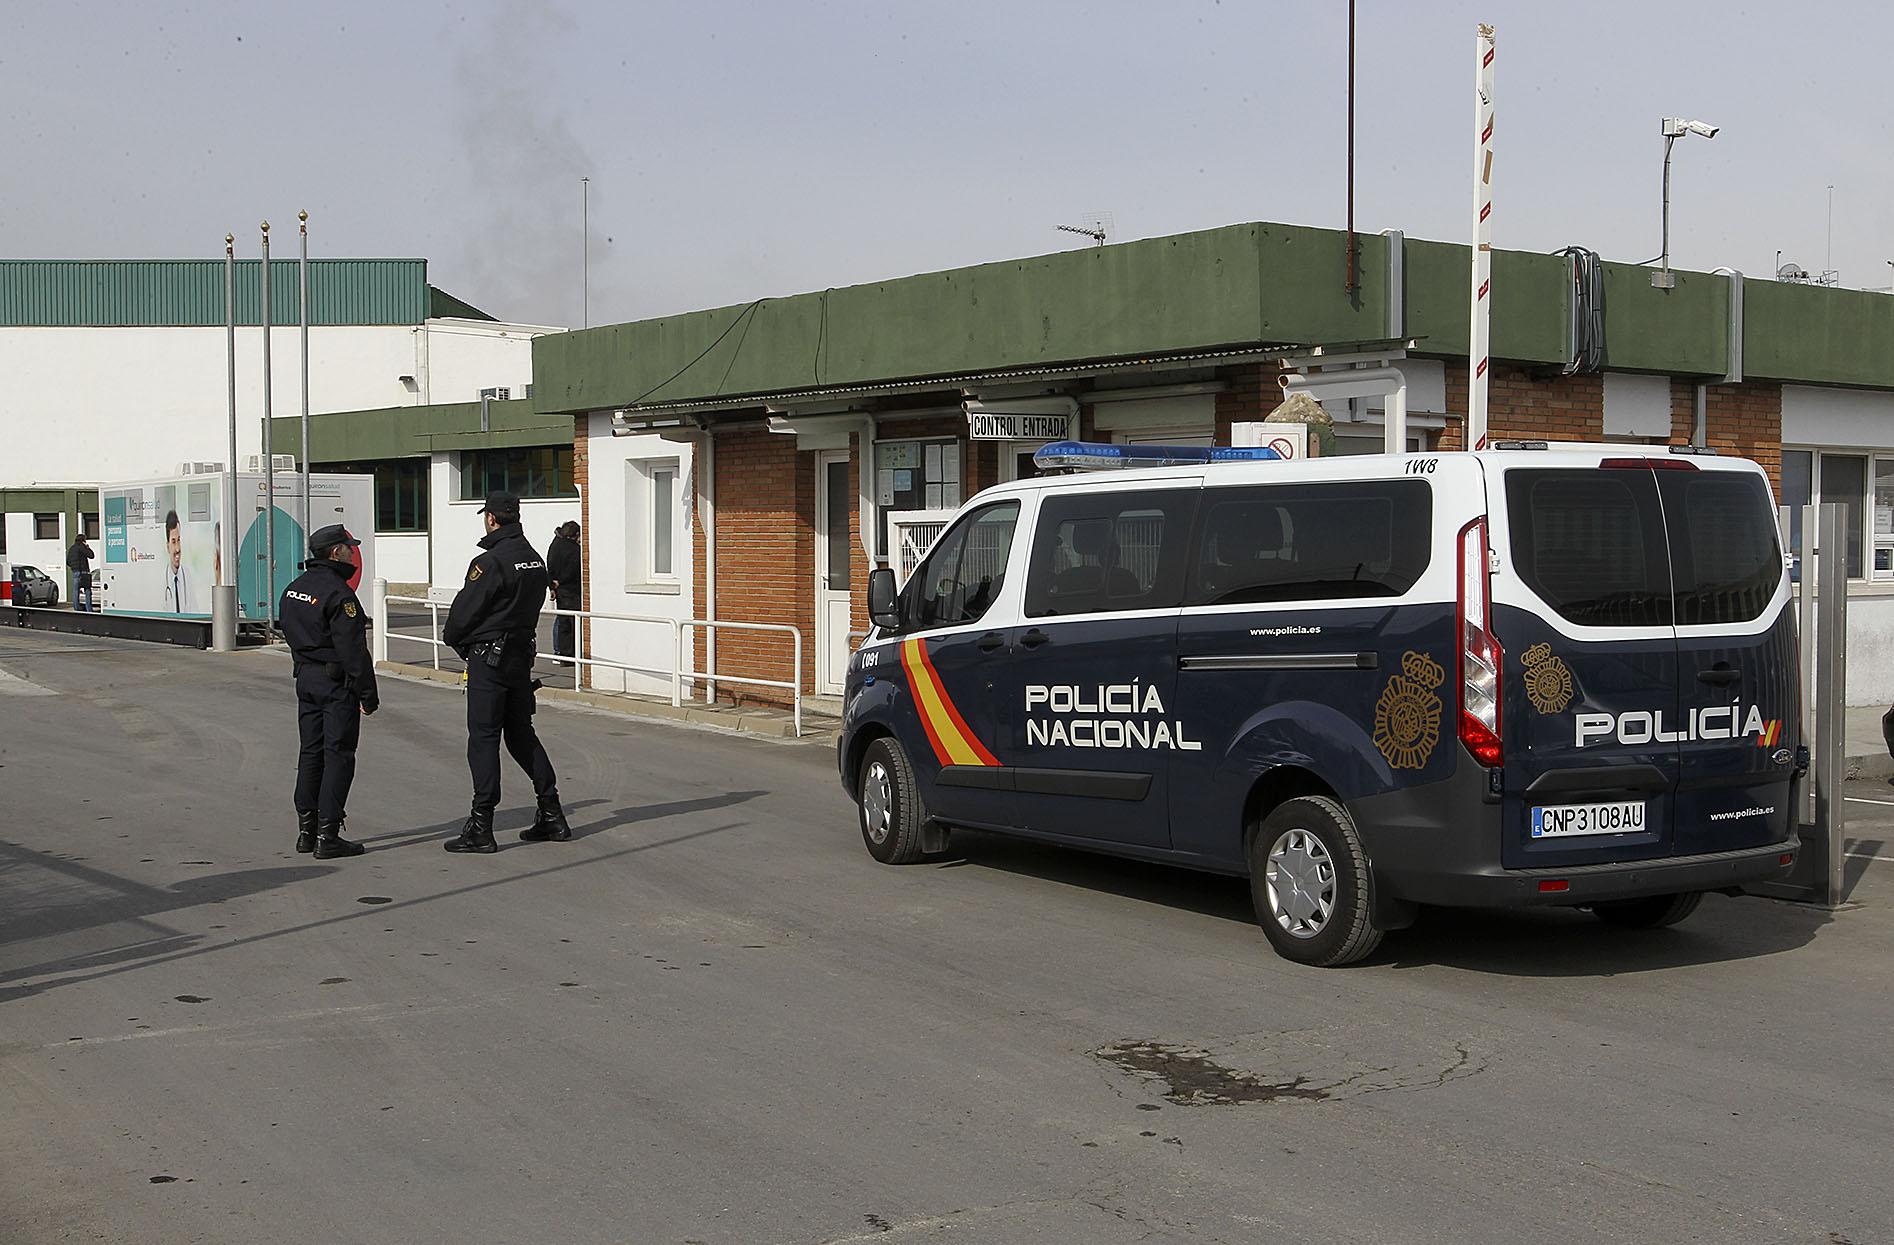 Les furgonetes de la policia van envoltar tot l'escorxador